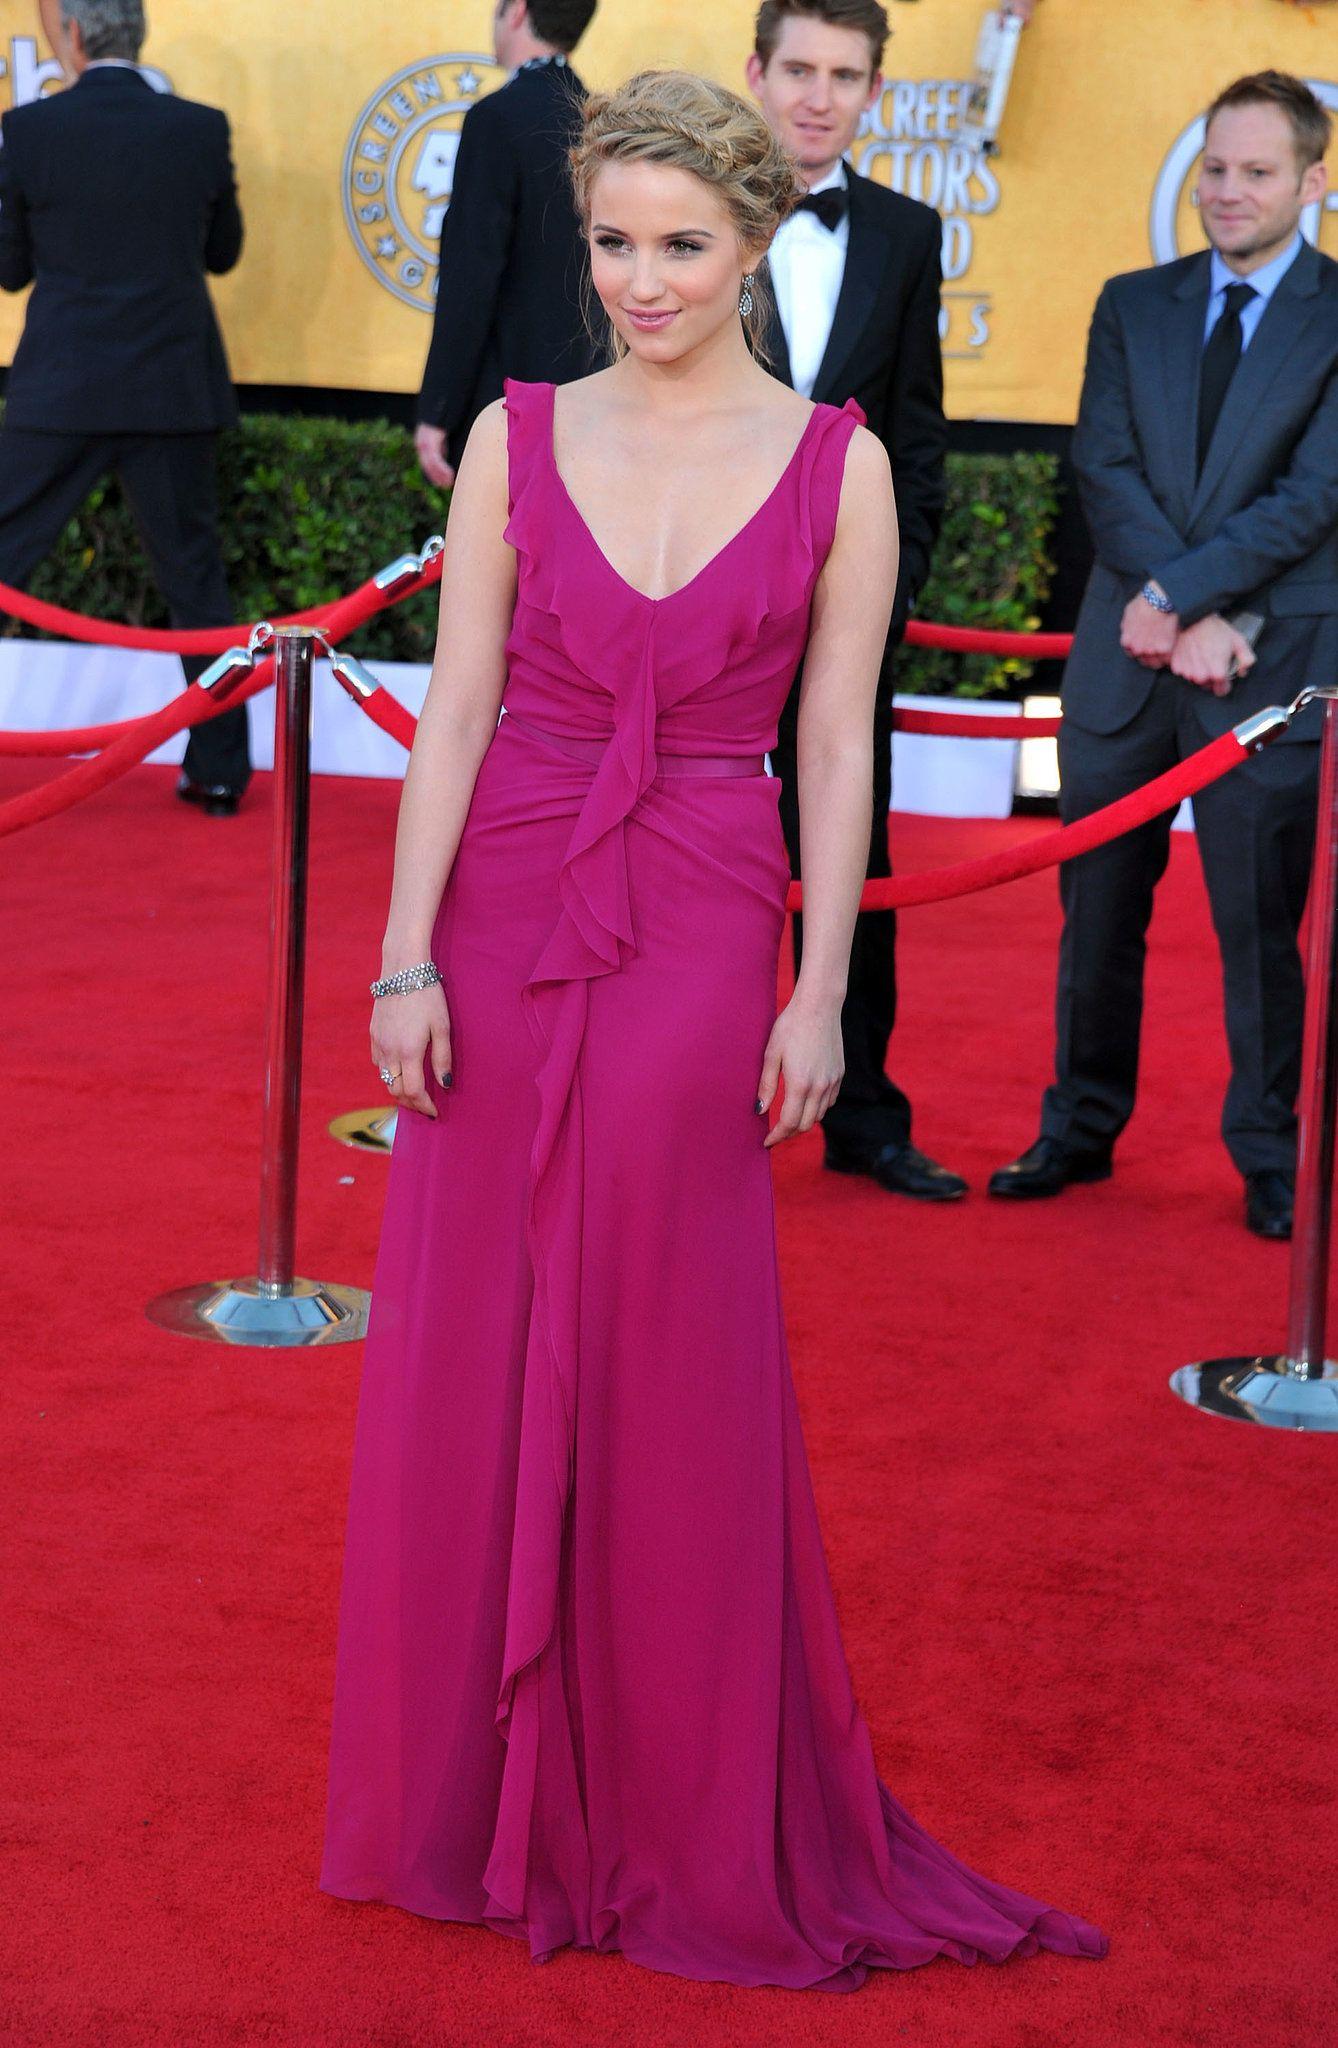 Dianna Agron at the 2012 SAG Awards | Dianna agron, Sag awards and ...